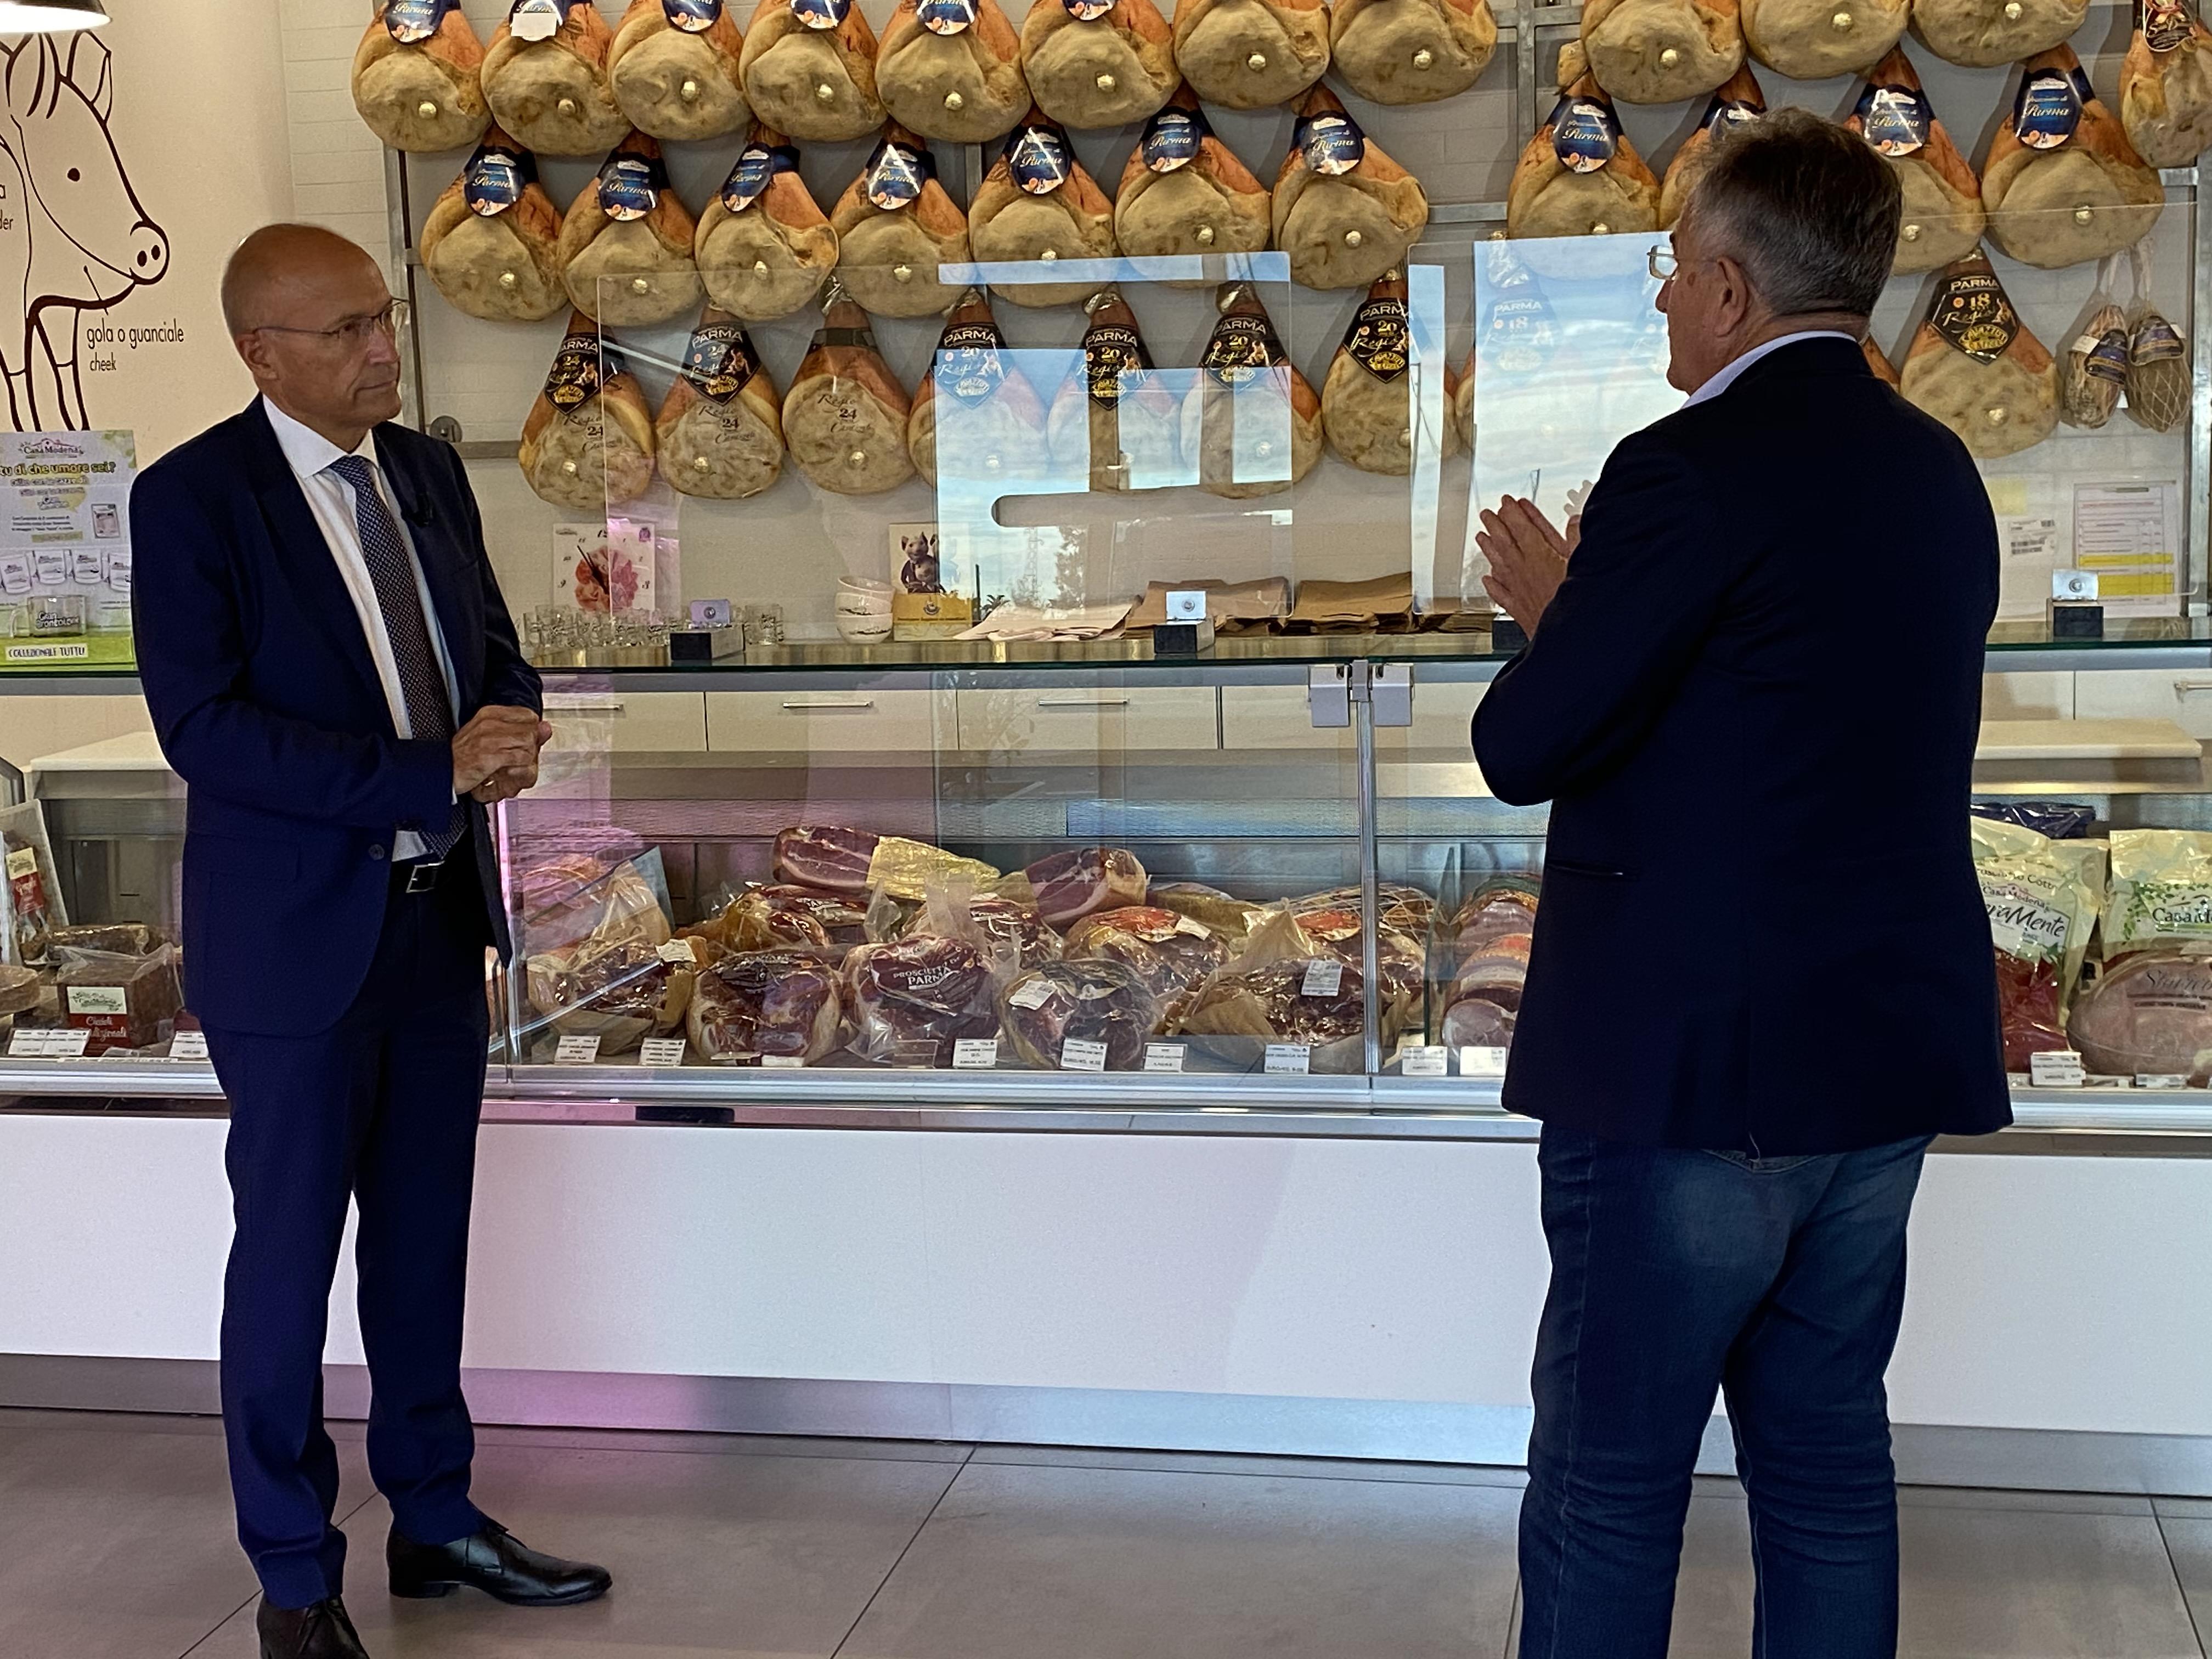 Crisi Ferrarini: il piano di Bonterre – Grandi Salumifici per l'occupazione. Intervista a Giuliano Carletti, AD Gruppo Bonterre